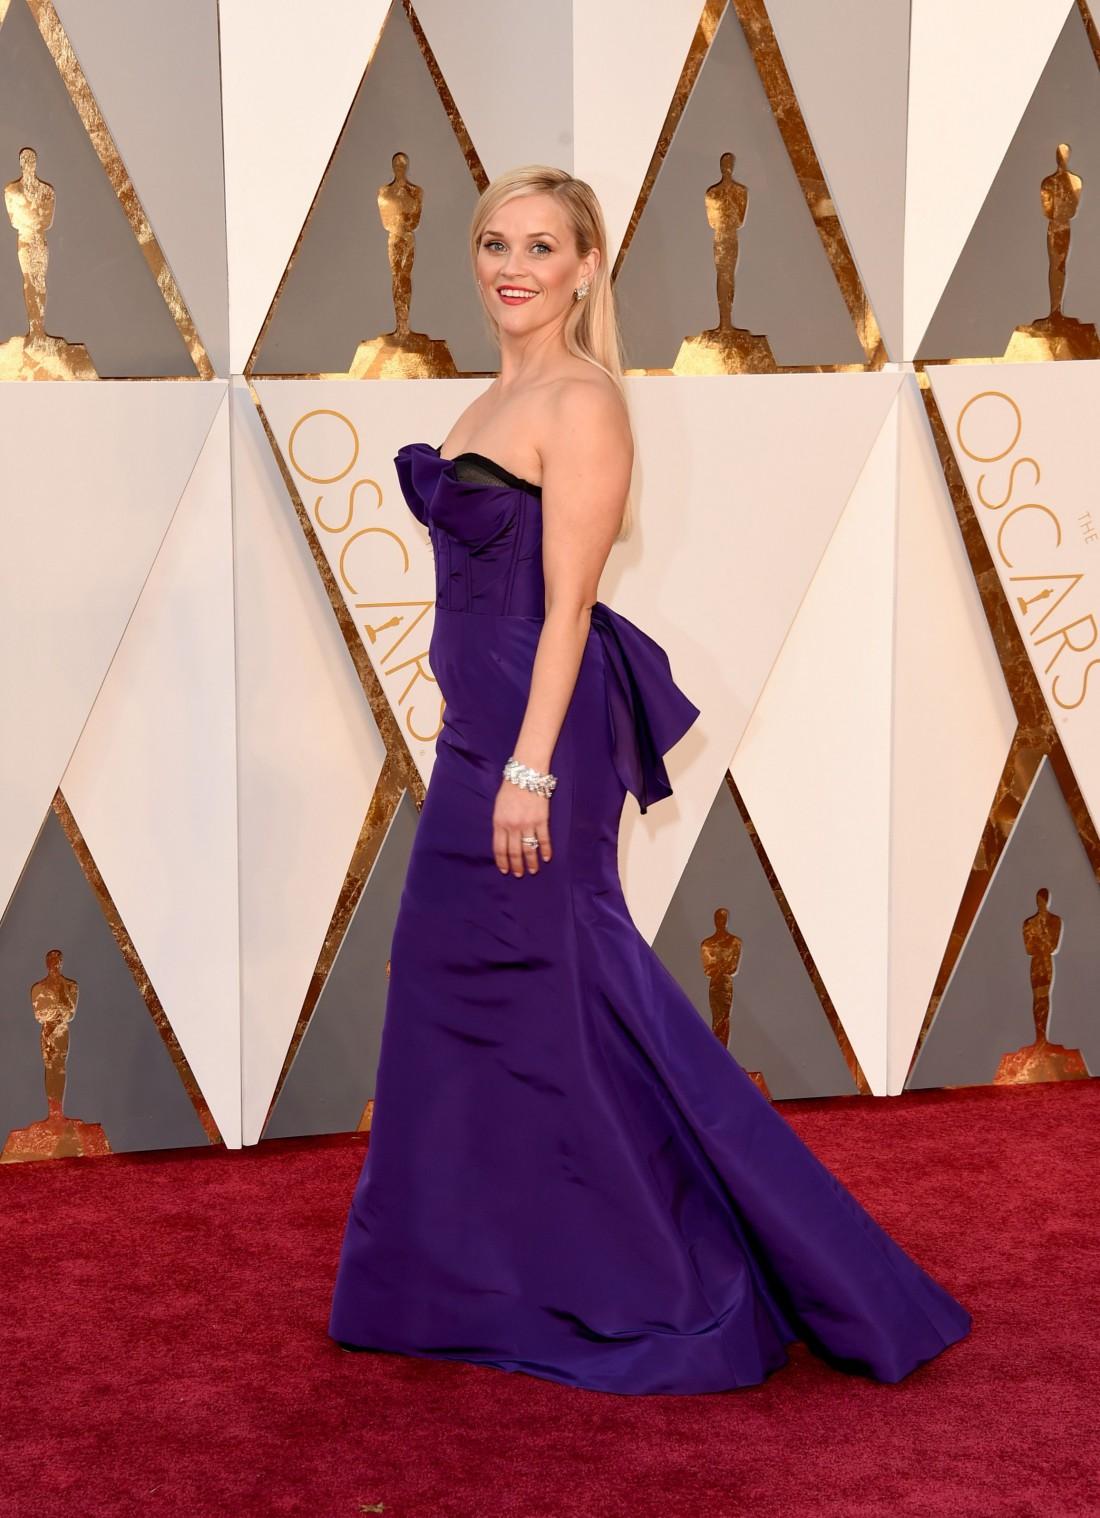 Риз Уизерспун прошлась по красной дорожке Оскара 2016 в ярком фиолетовом платье